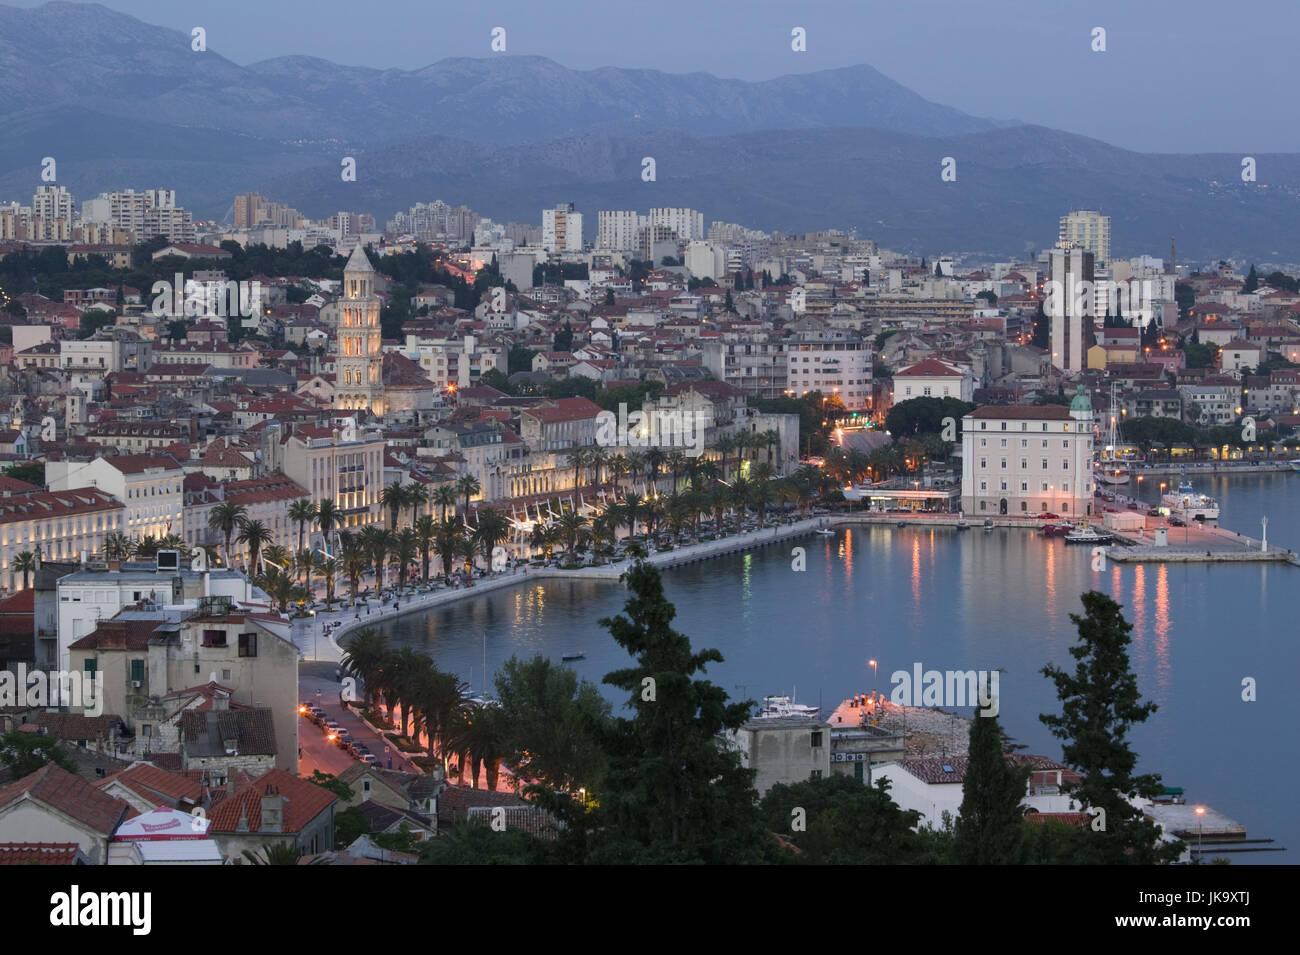 Kroatien, Split, Stadtansicht, Lichter, Abend, - Stock Image